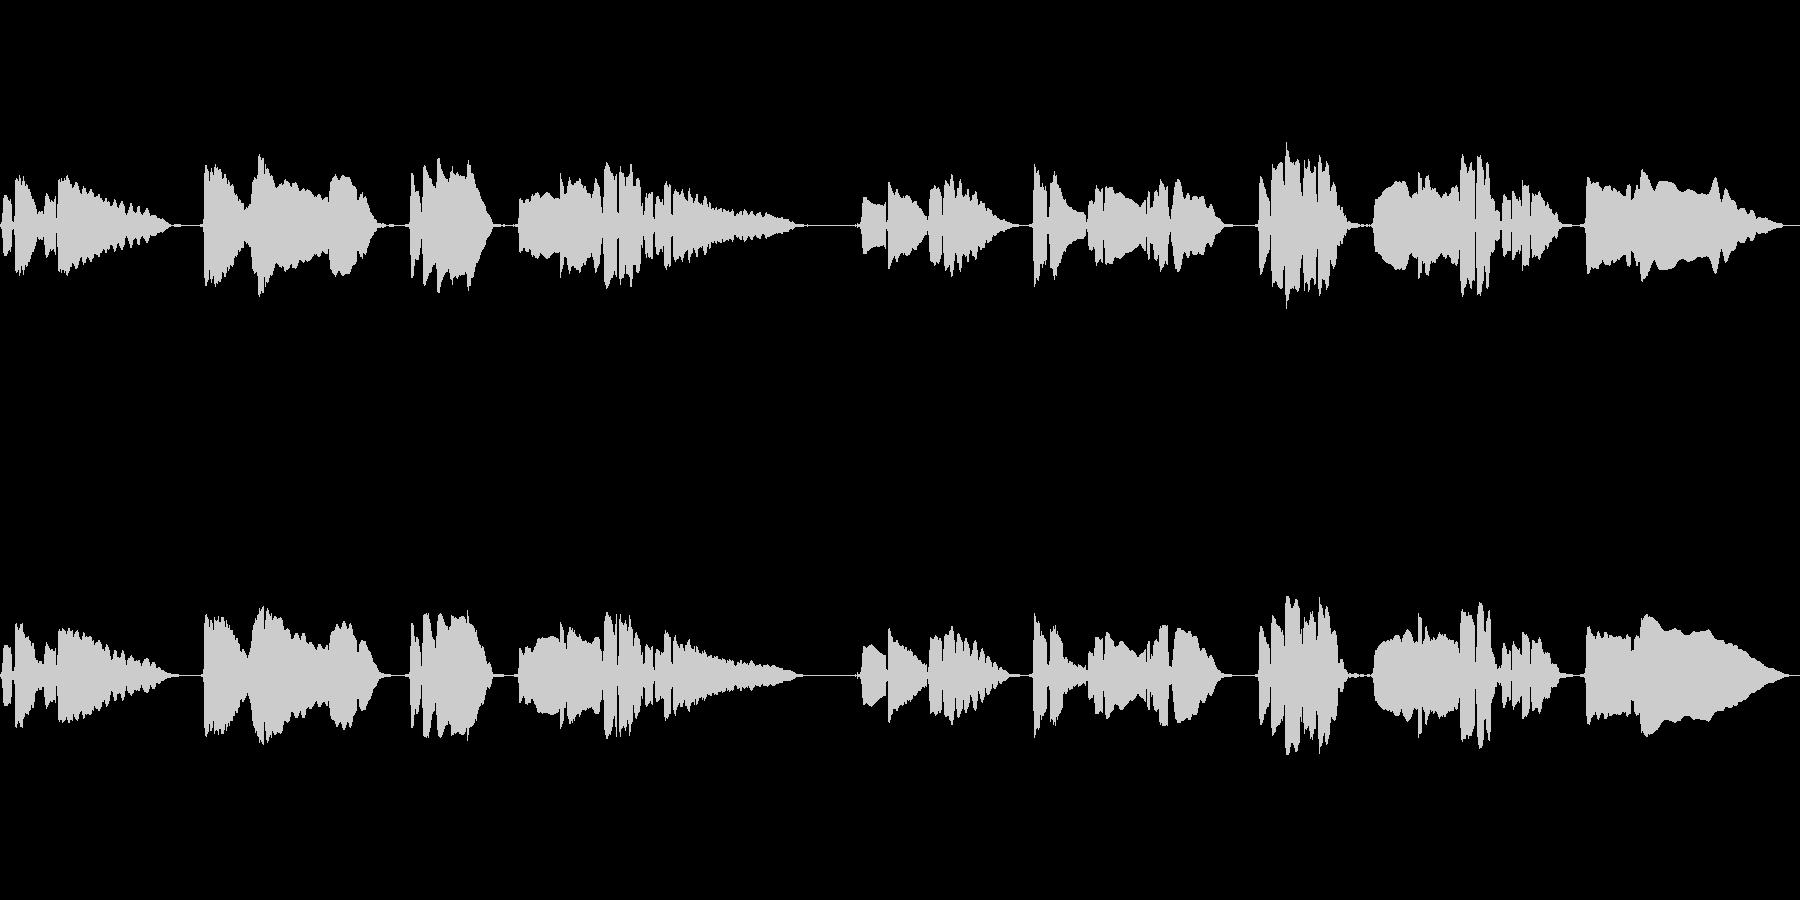 サックス音が胸に刺さる曲の未再生の波形